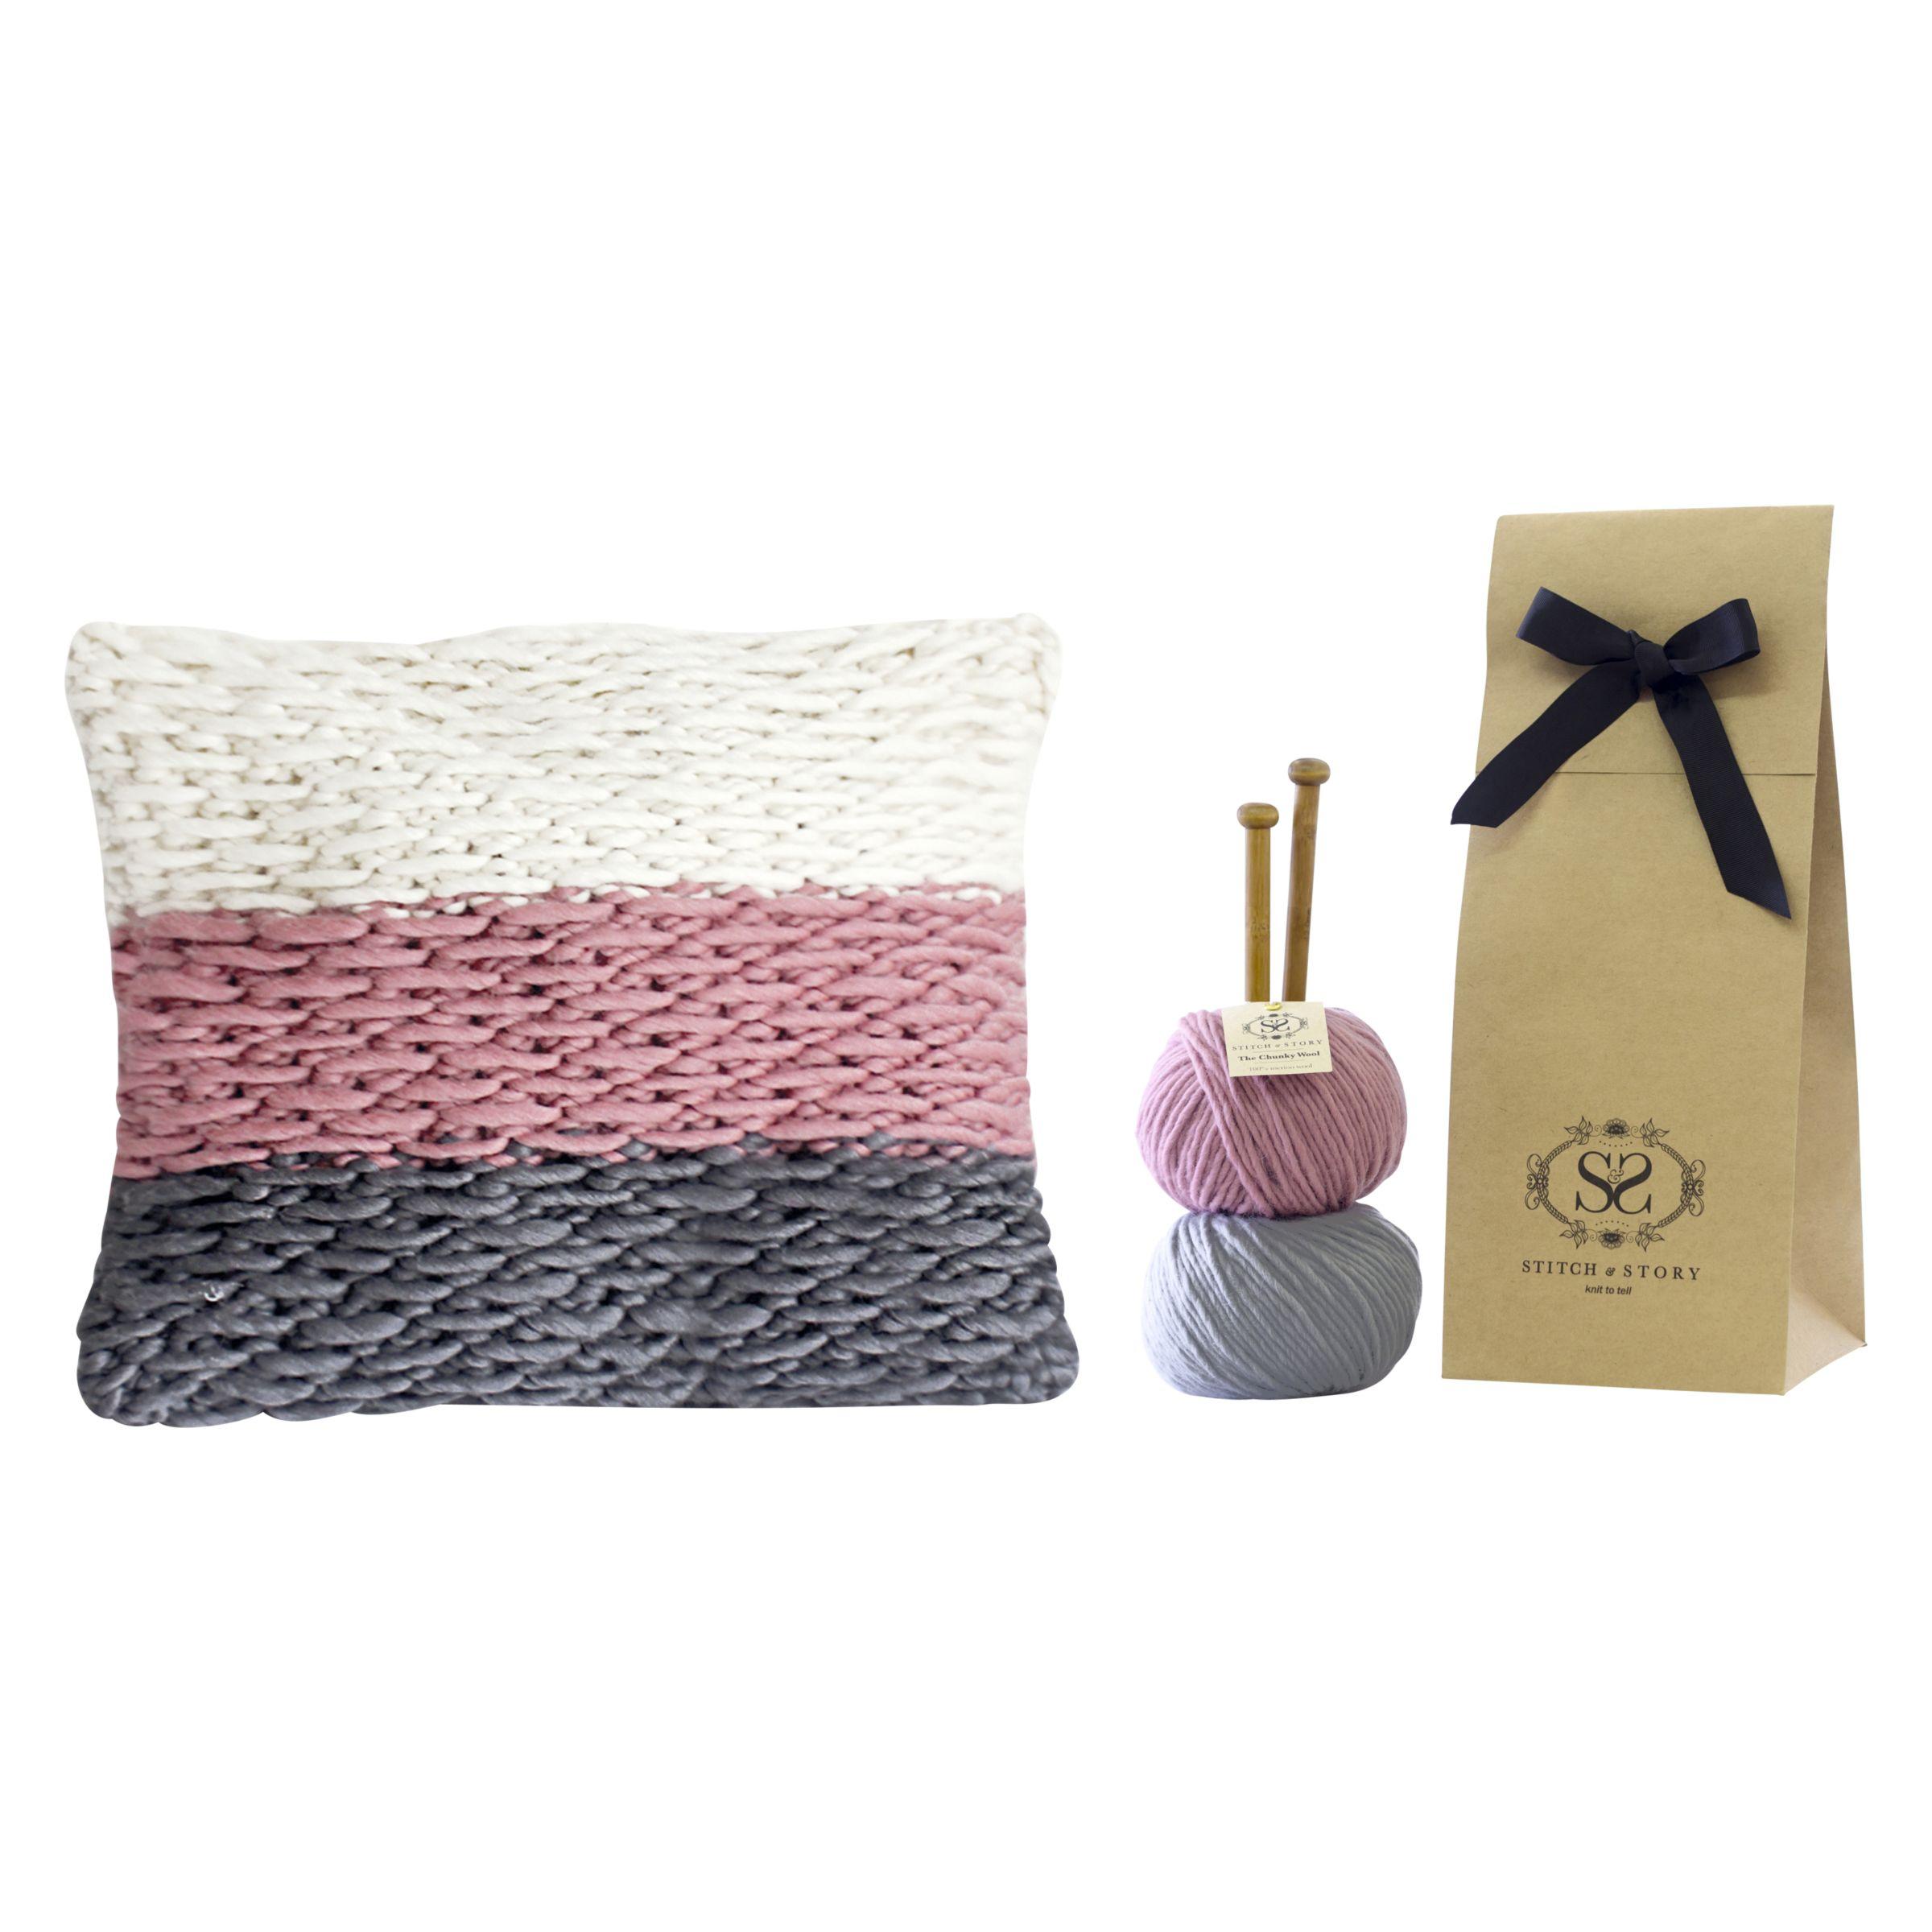 Buy Stitch & Story Staman Cushion Knitting Kit John Lewis